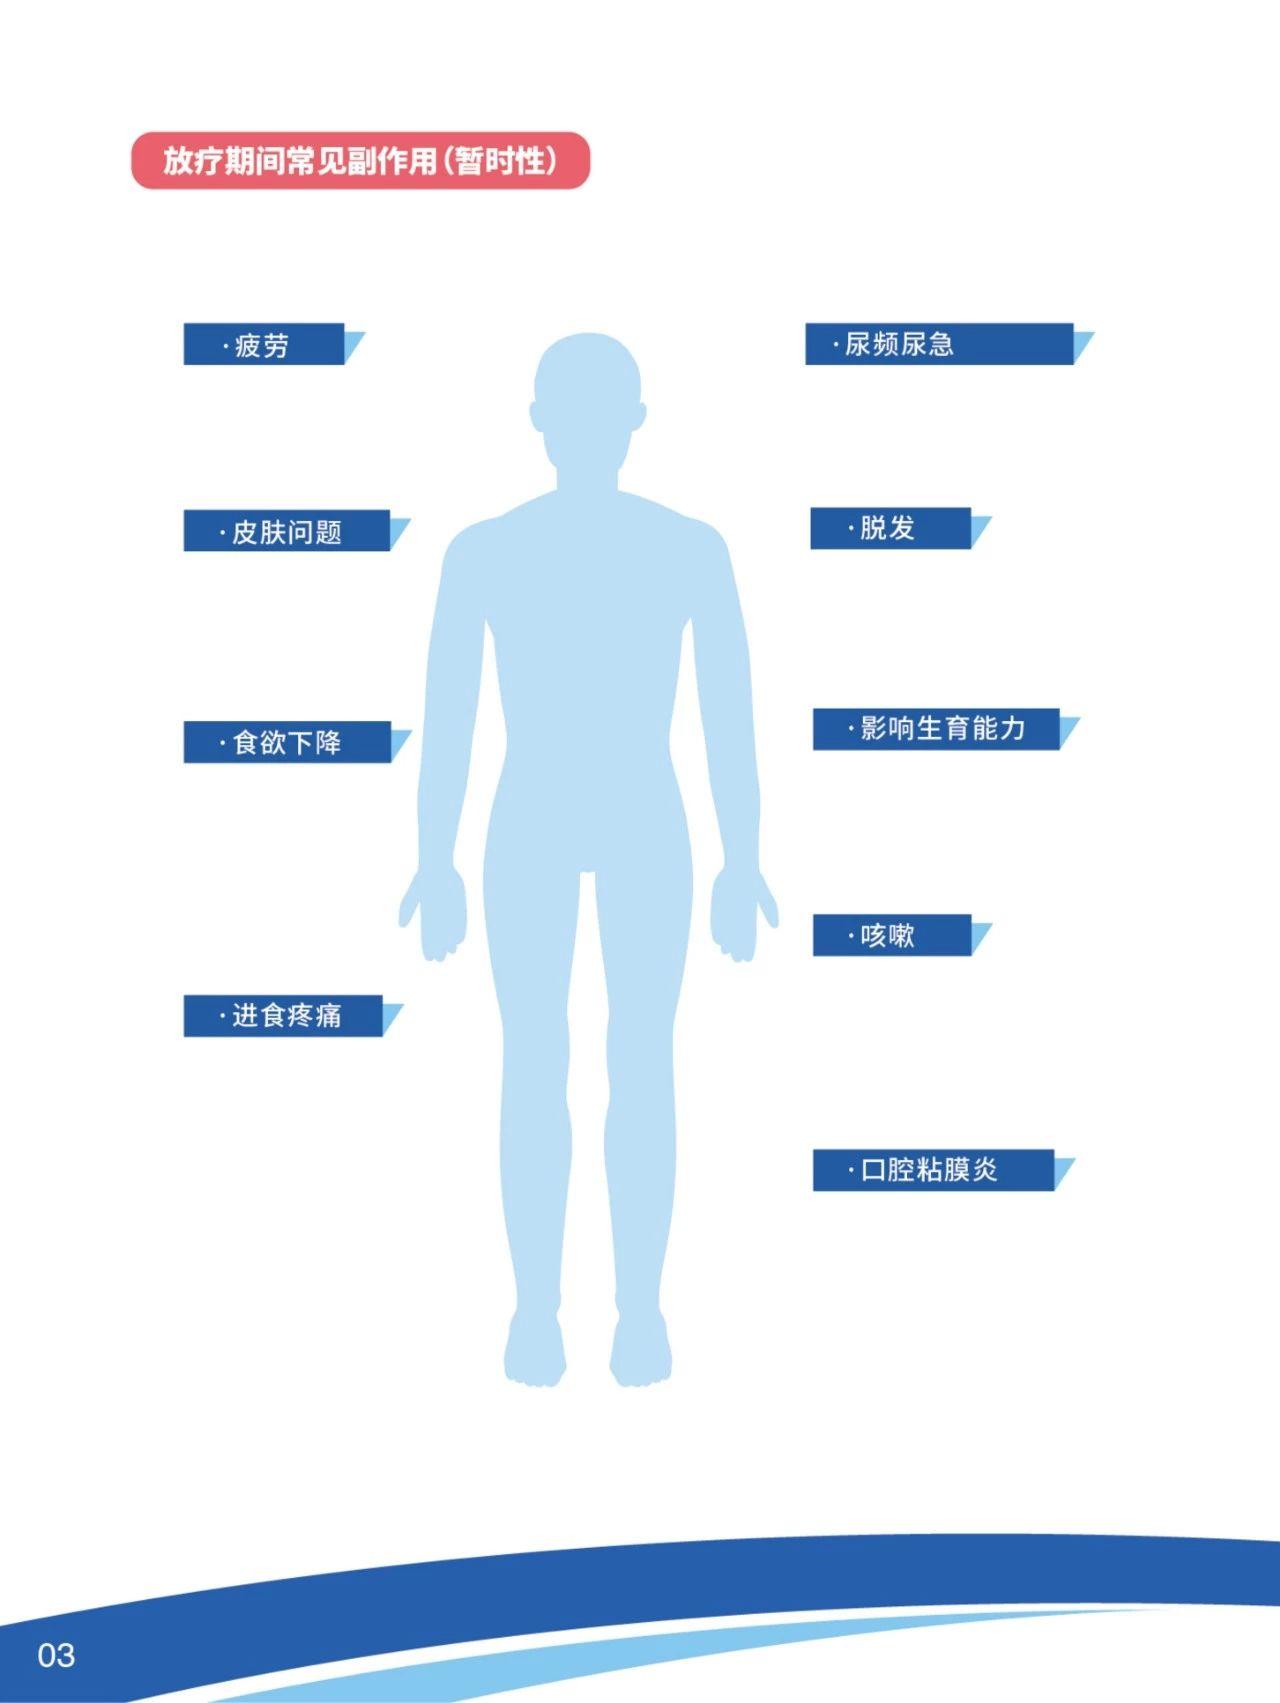 肺癌治疗 | 干货收藏!肺癌放疗权威科普,肺癌放疗副作用。